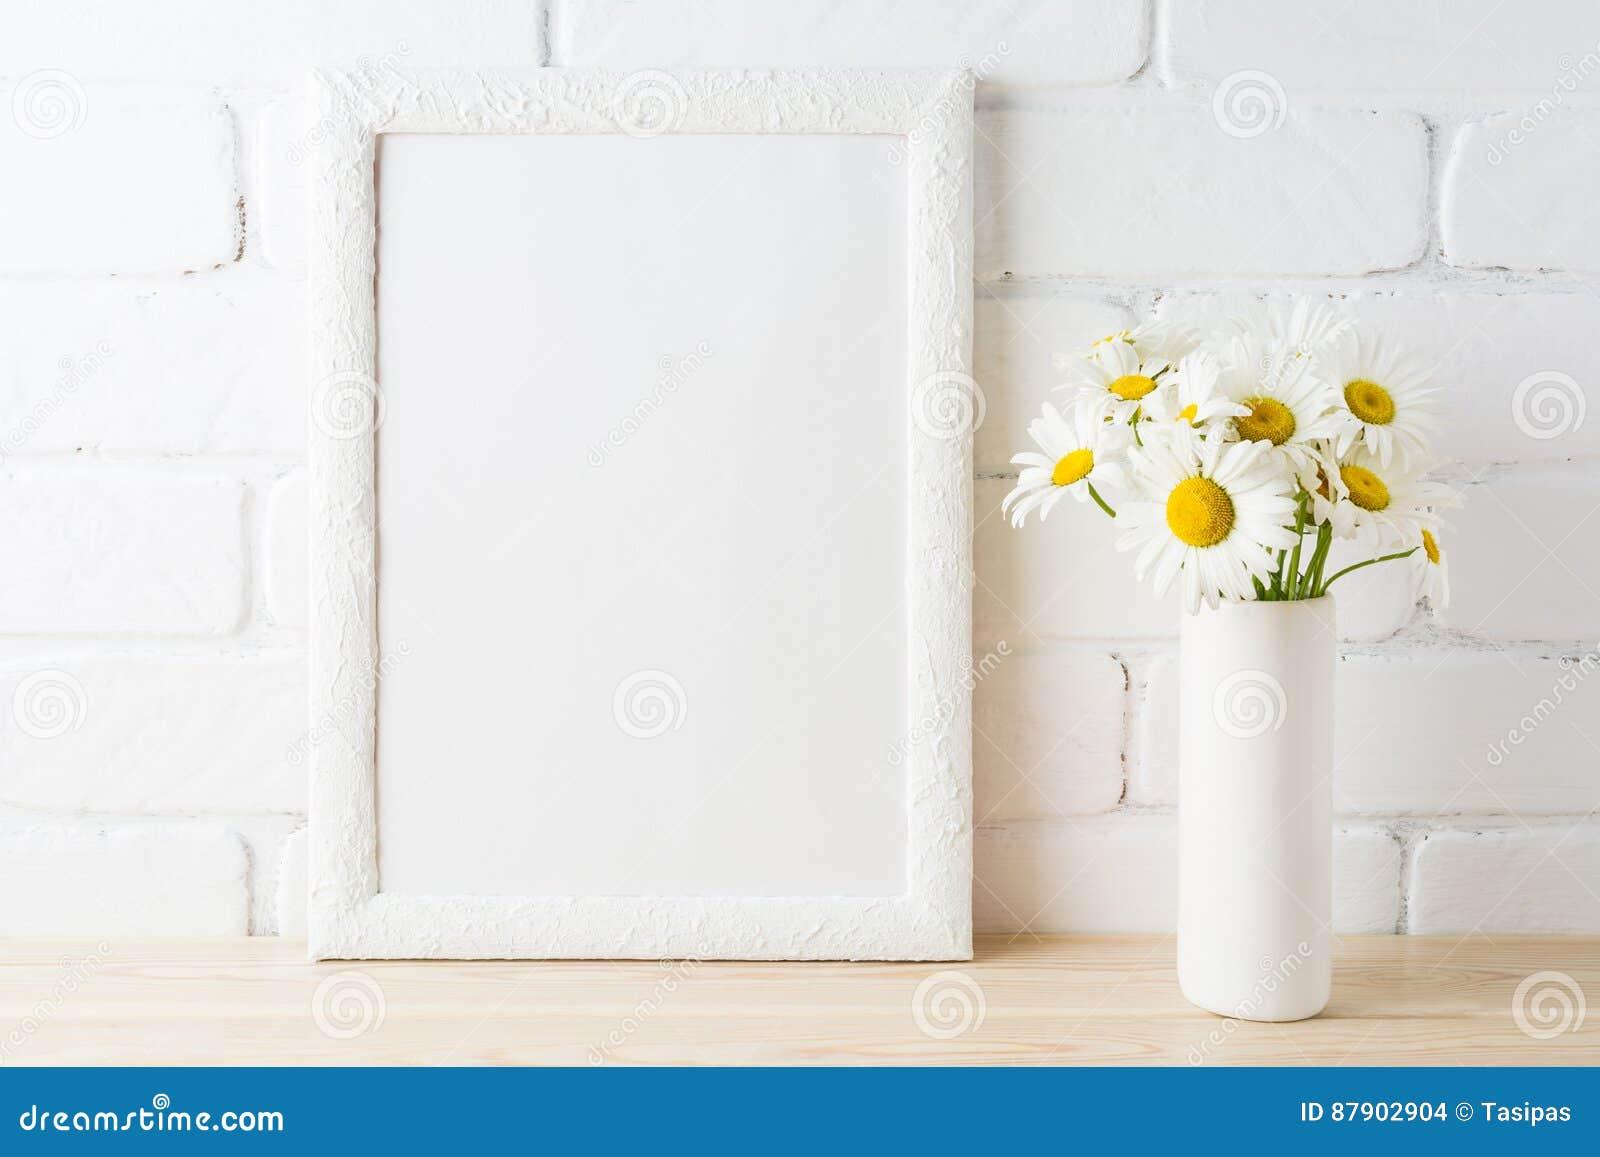 O modelo branco do quadro com flor da margarida próximo pintou a parede de tijolo